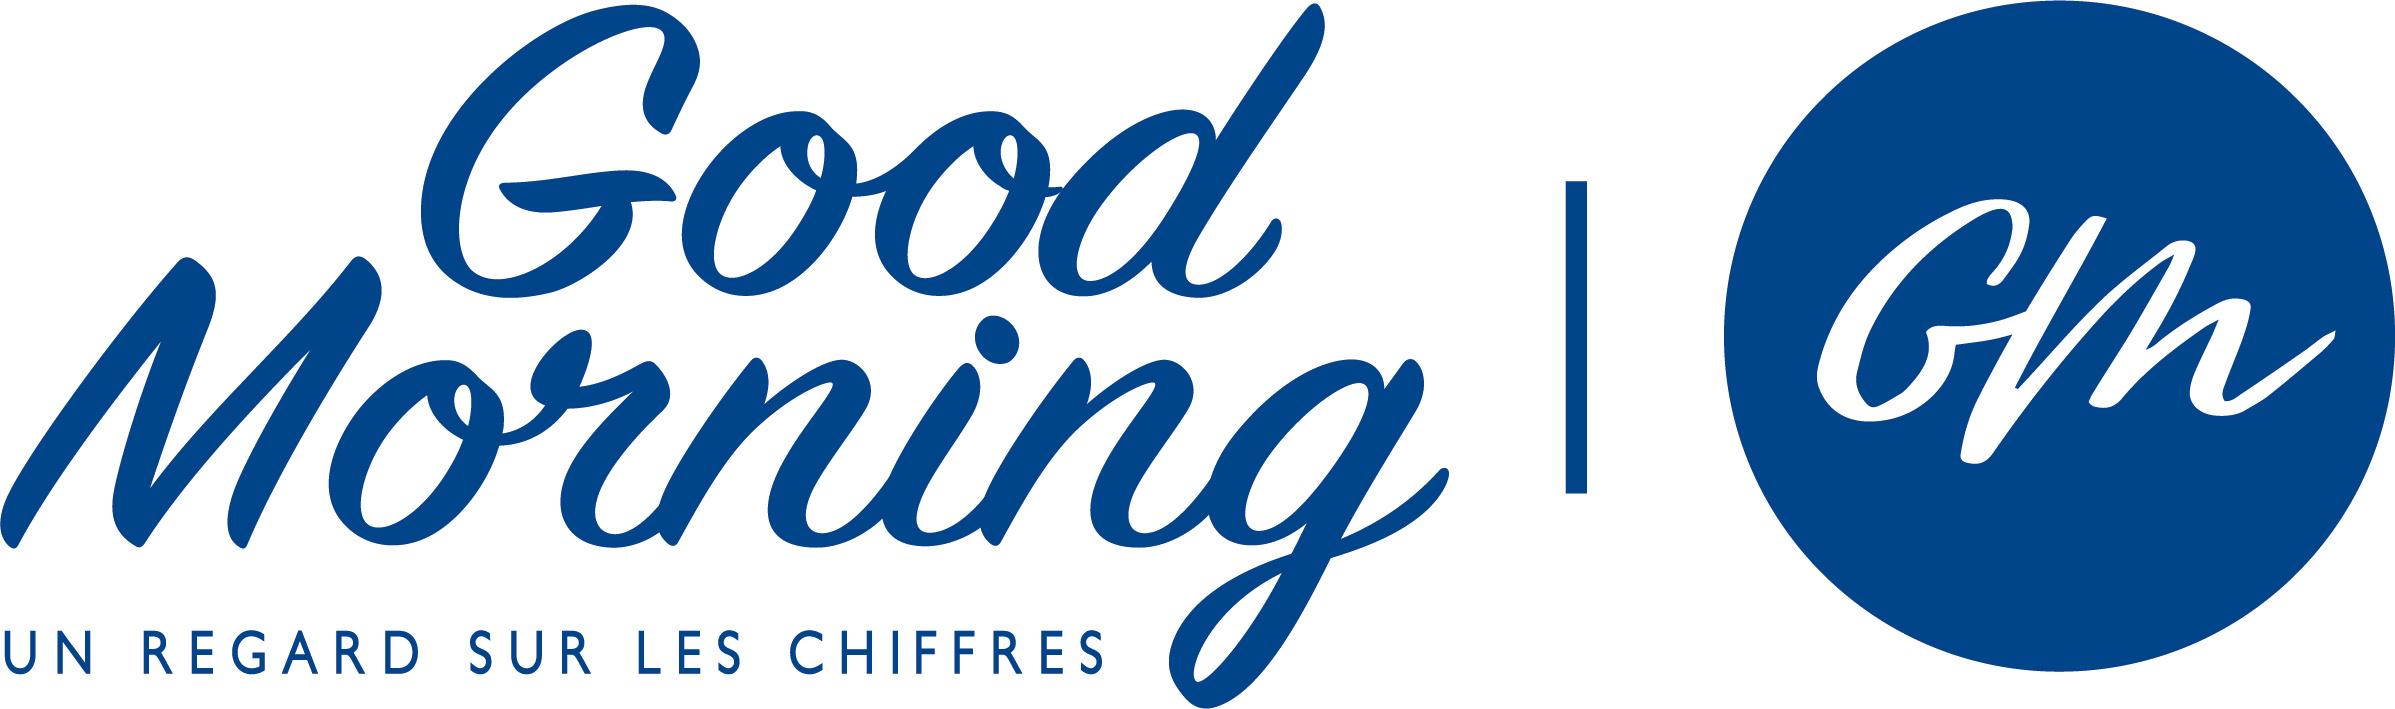 logotype goodmorning-bleu